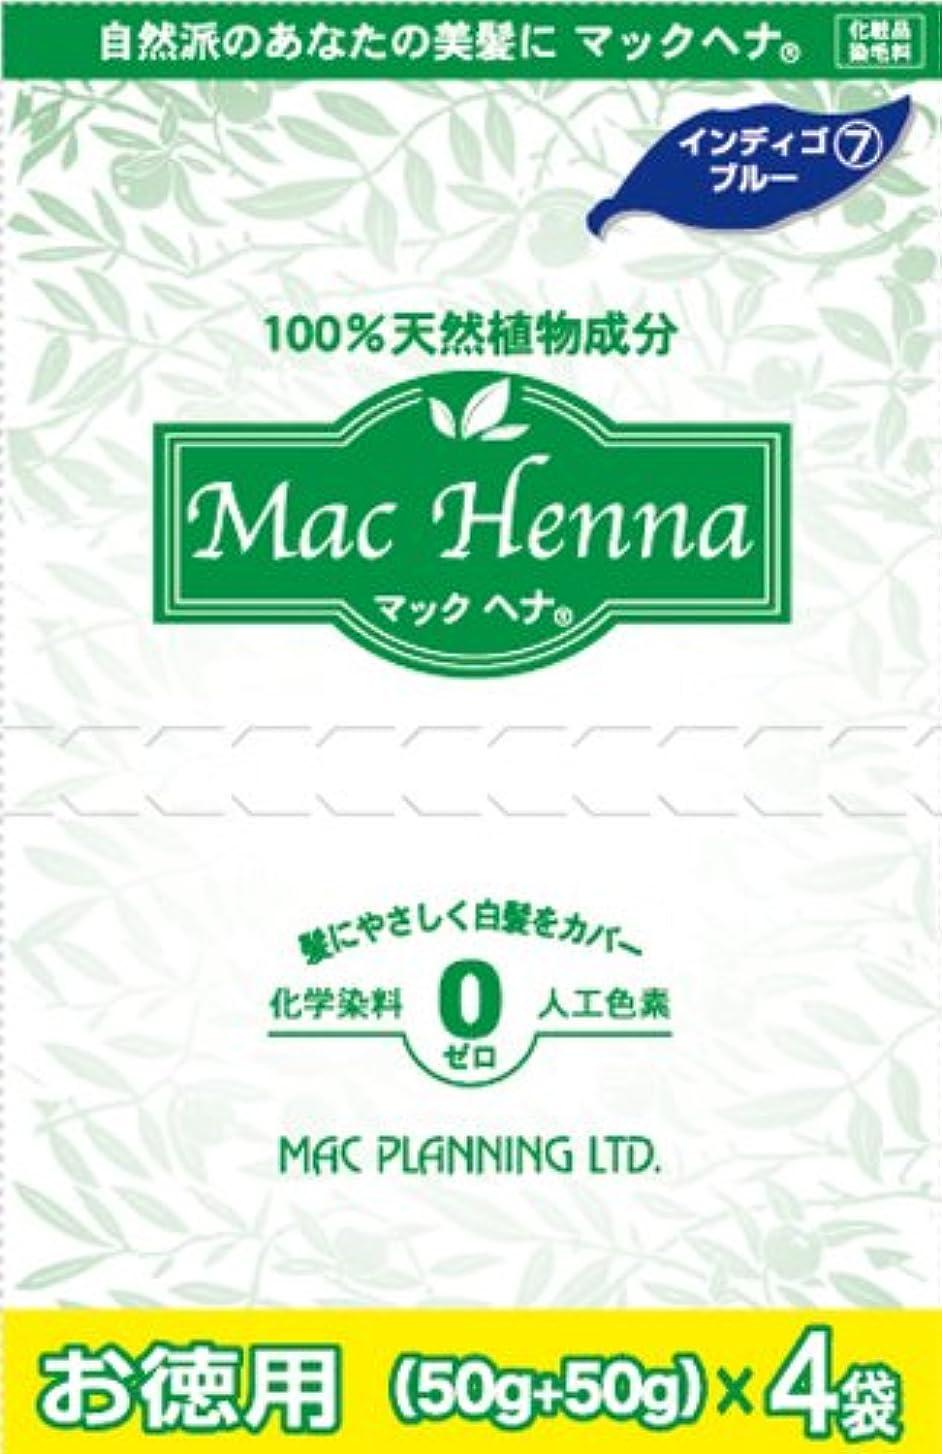 開いた医療のテキスト天然植物原料100% 無添加 マックヘナ お徳用(インディゴブルー)-7 400g(50g+50g)×4袋  2箱セット